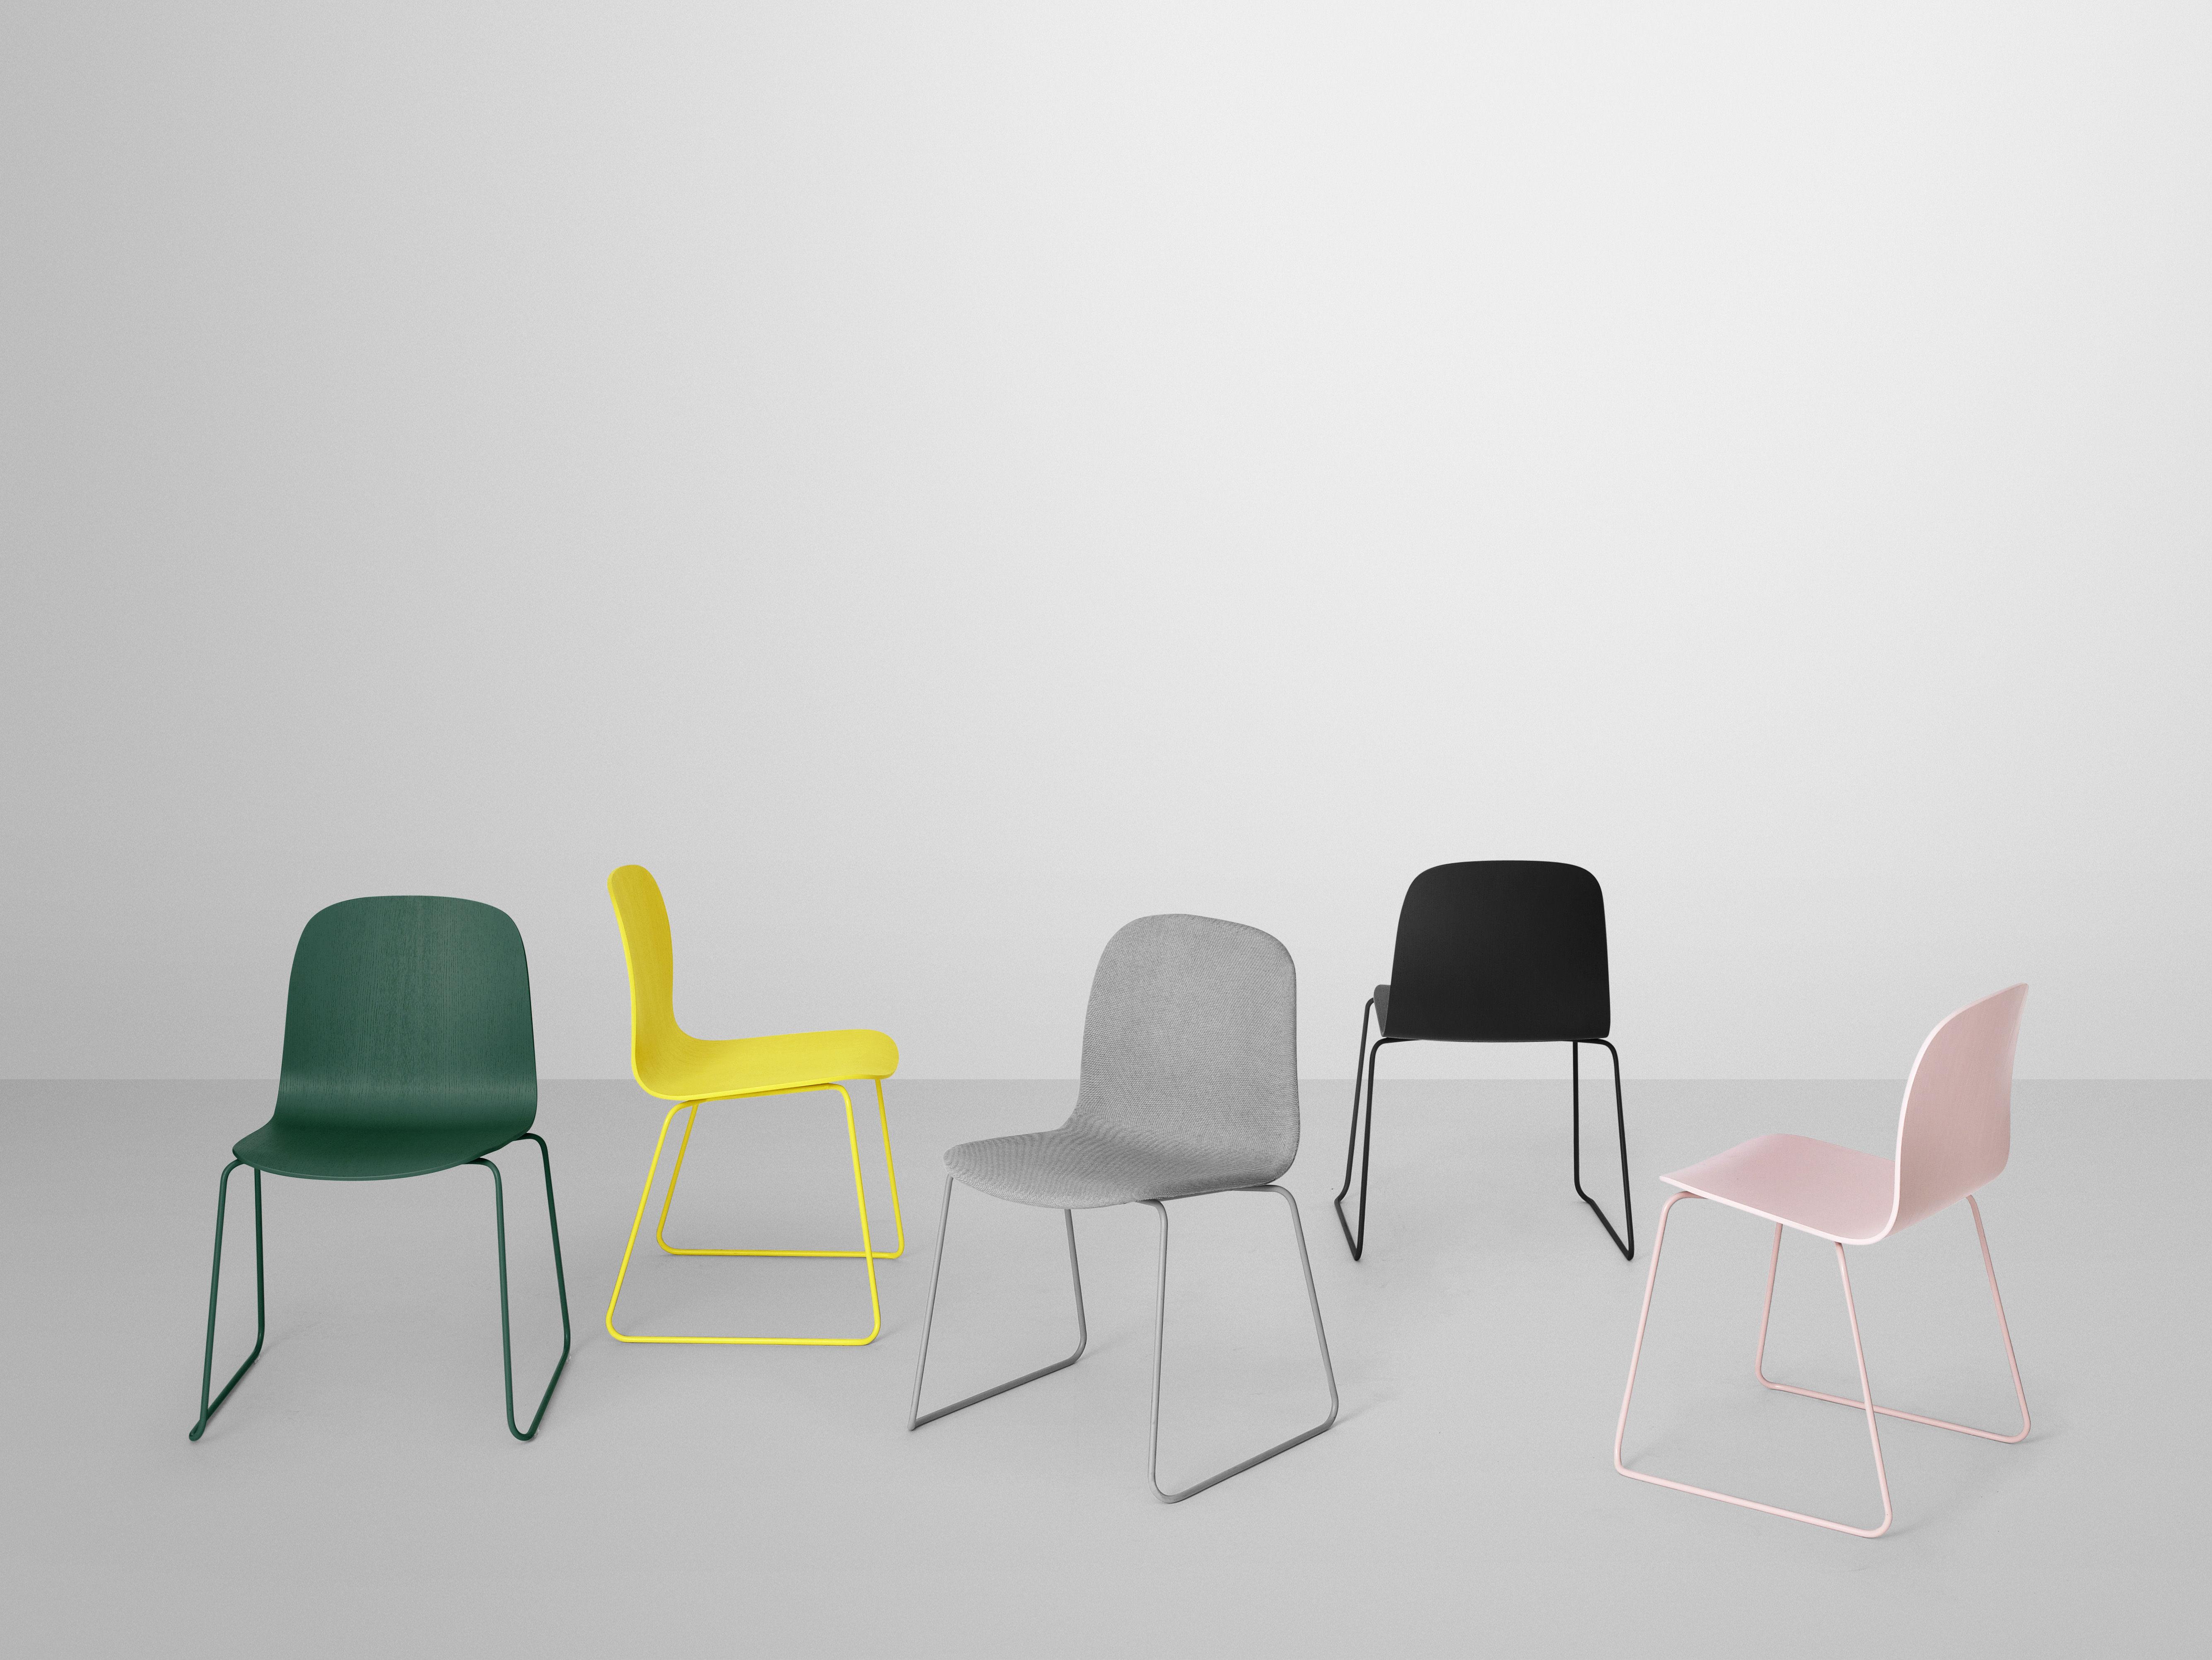 visu mit kufengestell muuto stuhl. Black Bedroom Furniture Sets. Home Design Ideas